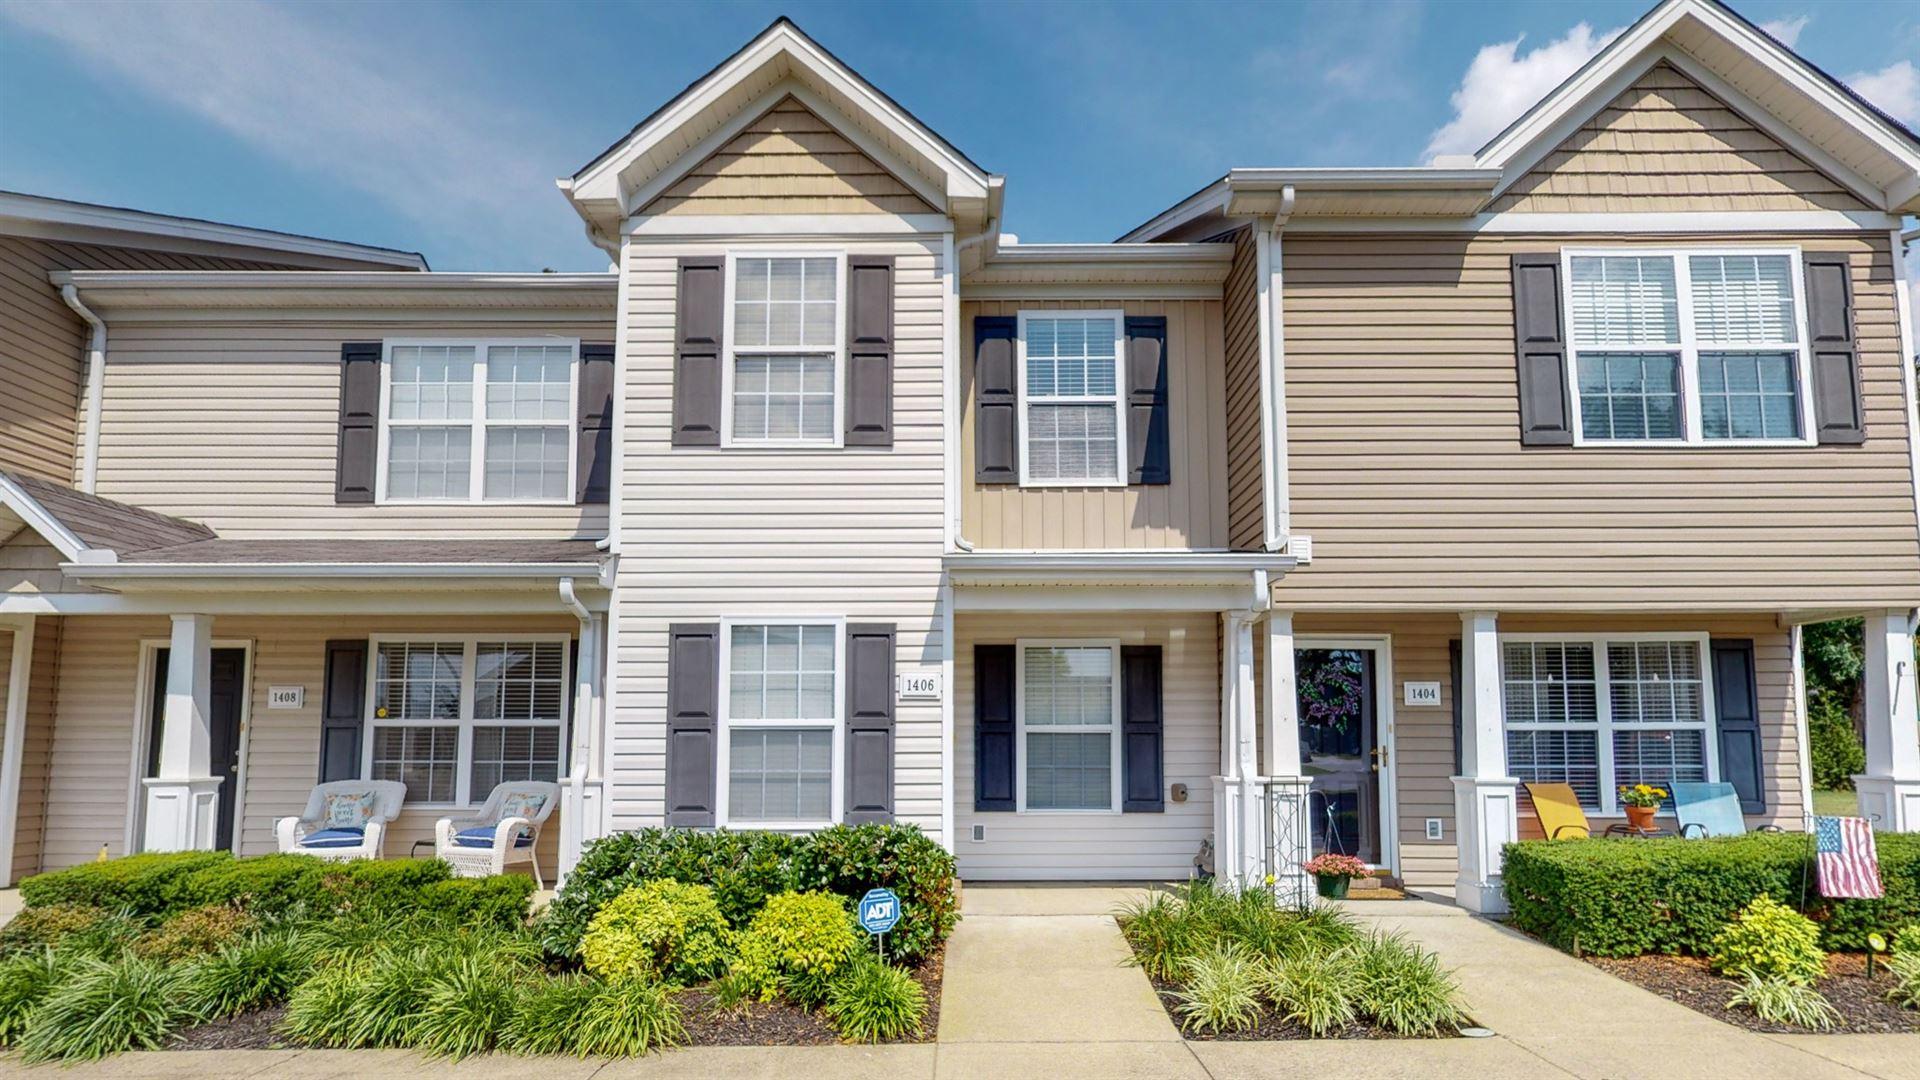 1406 Bunny Ct, Murfreesboro, TN 37130 - MLS#: 2267356